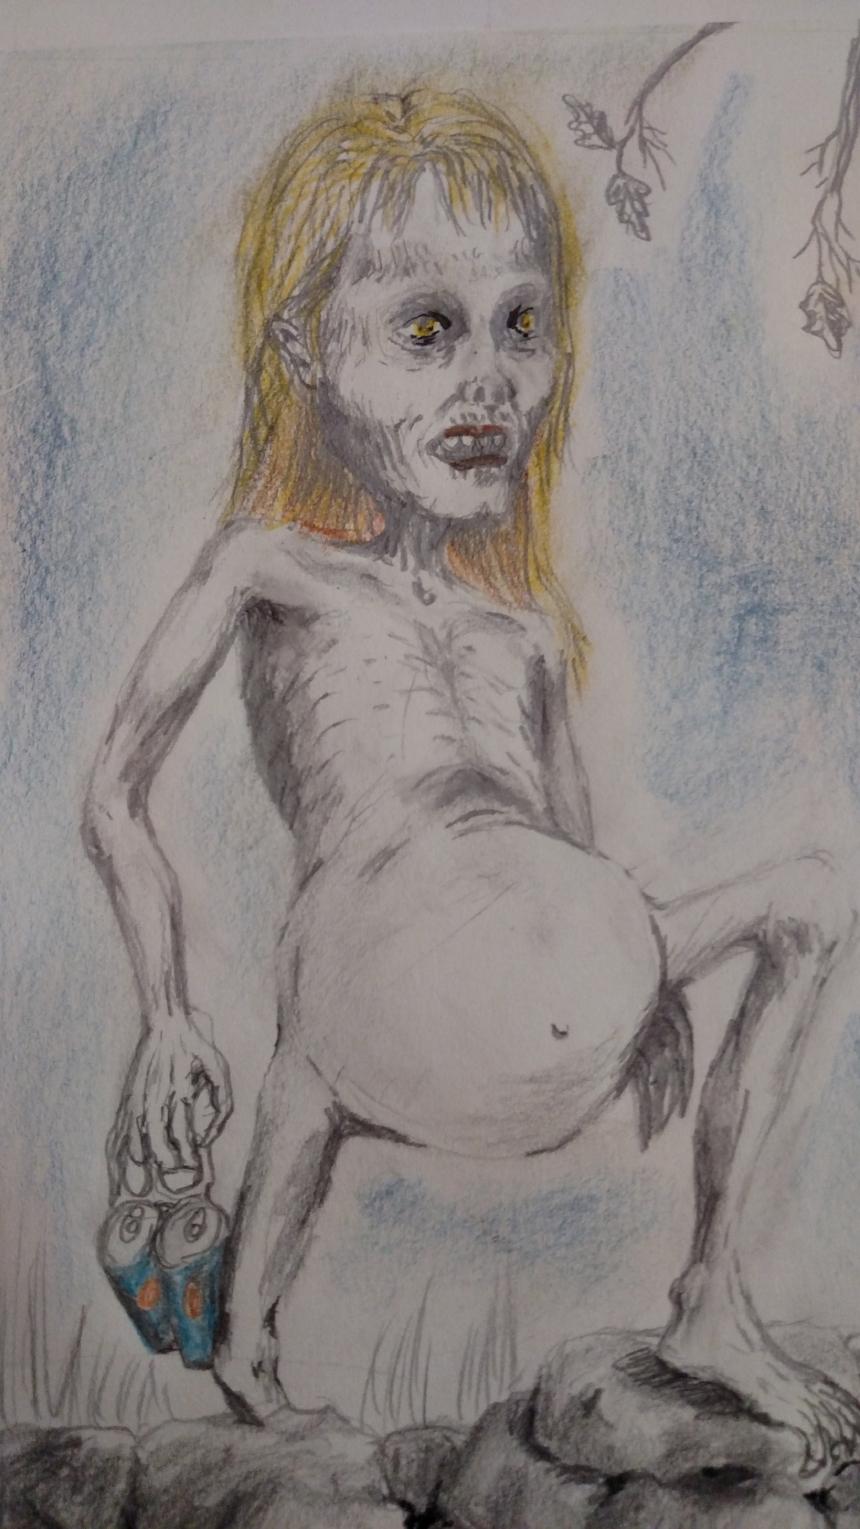 Bonebelly sketch.jpg